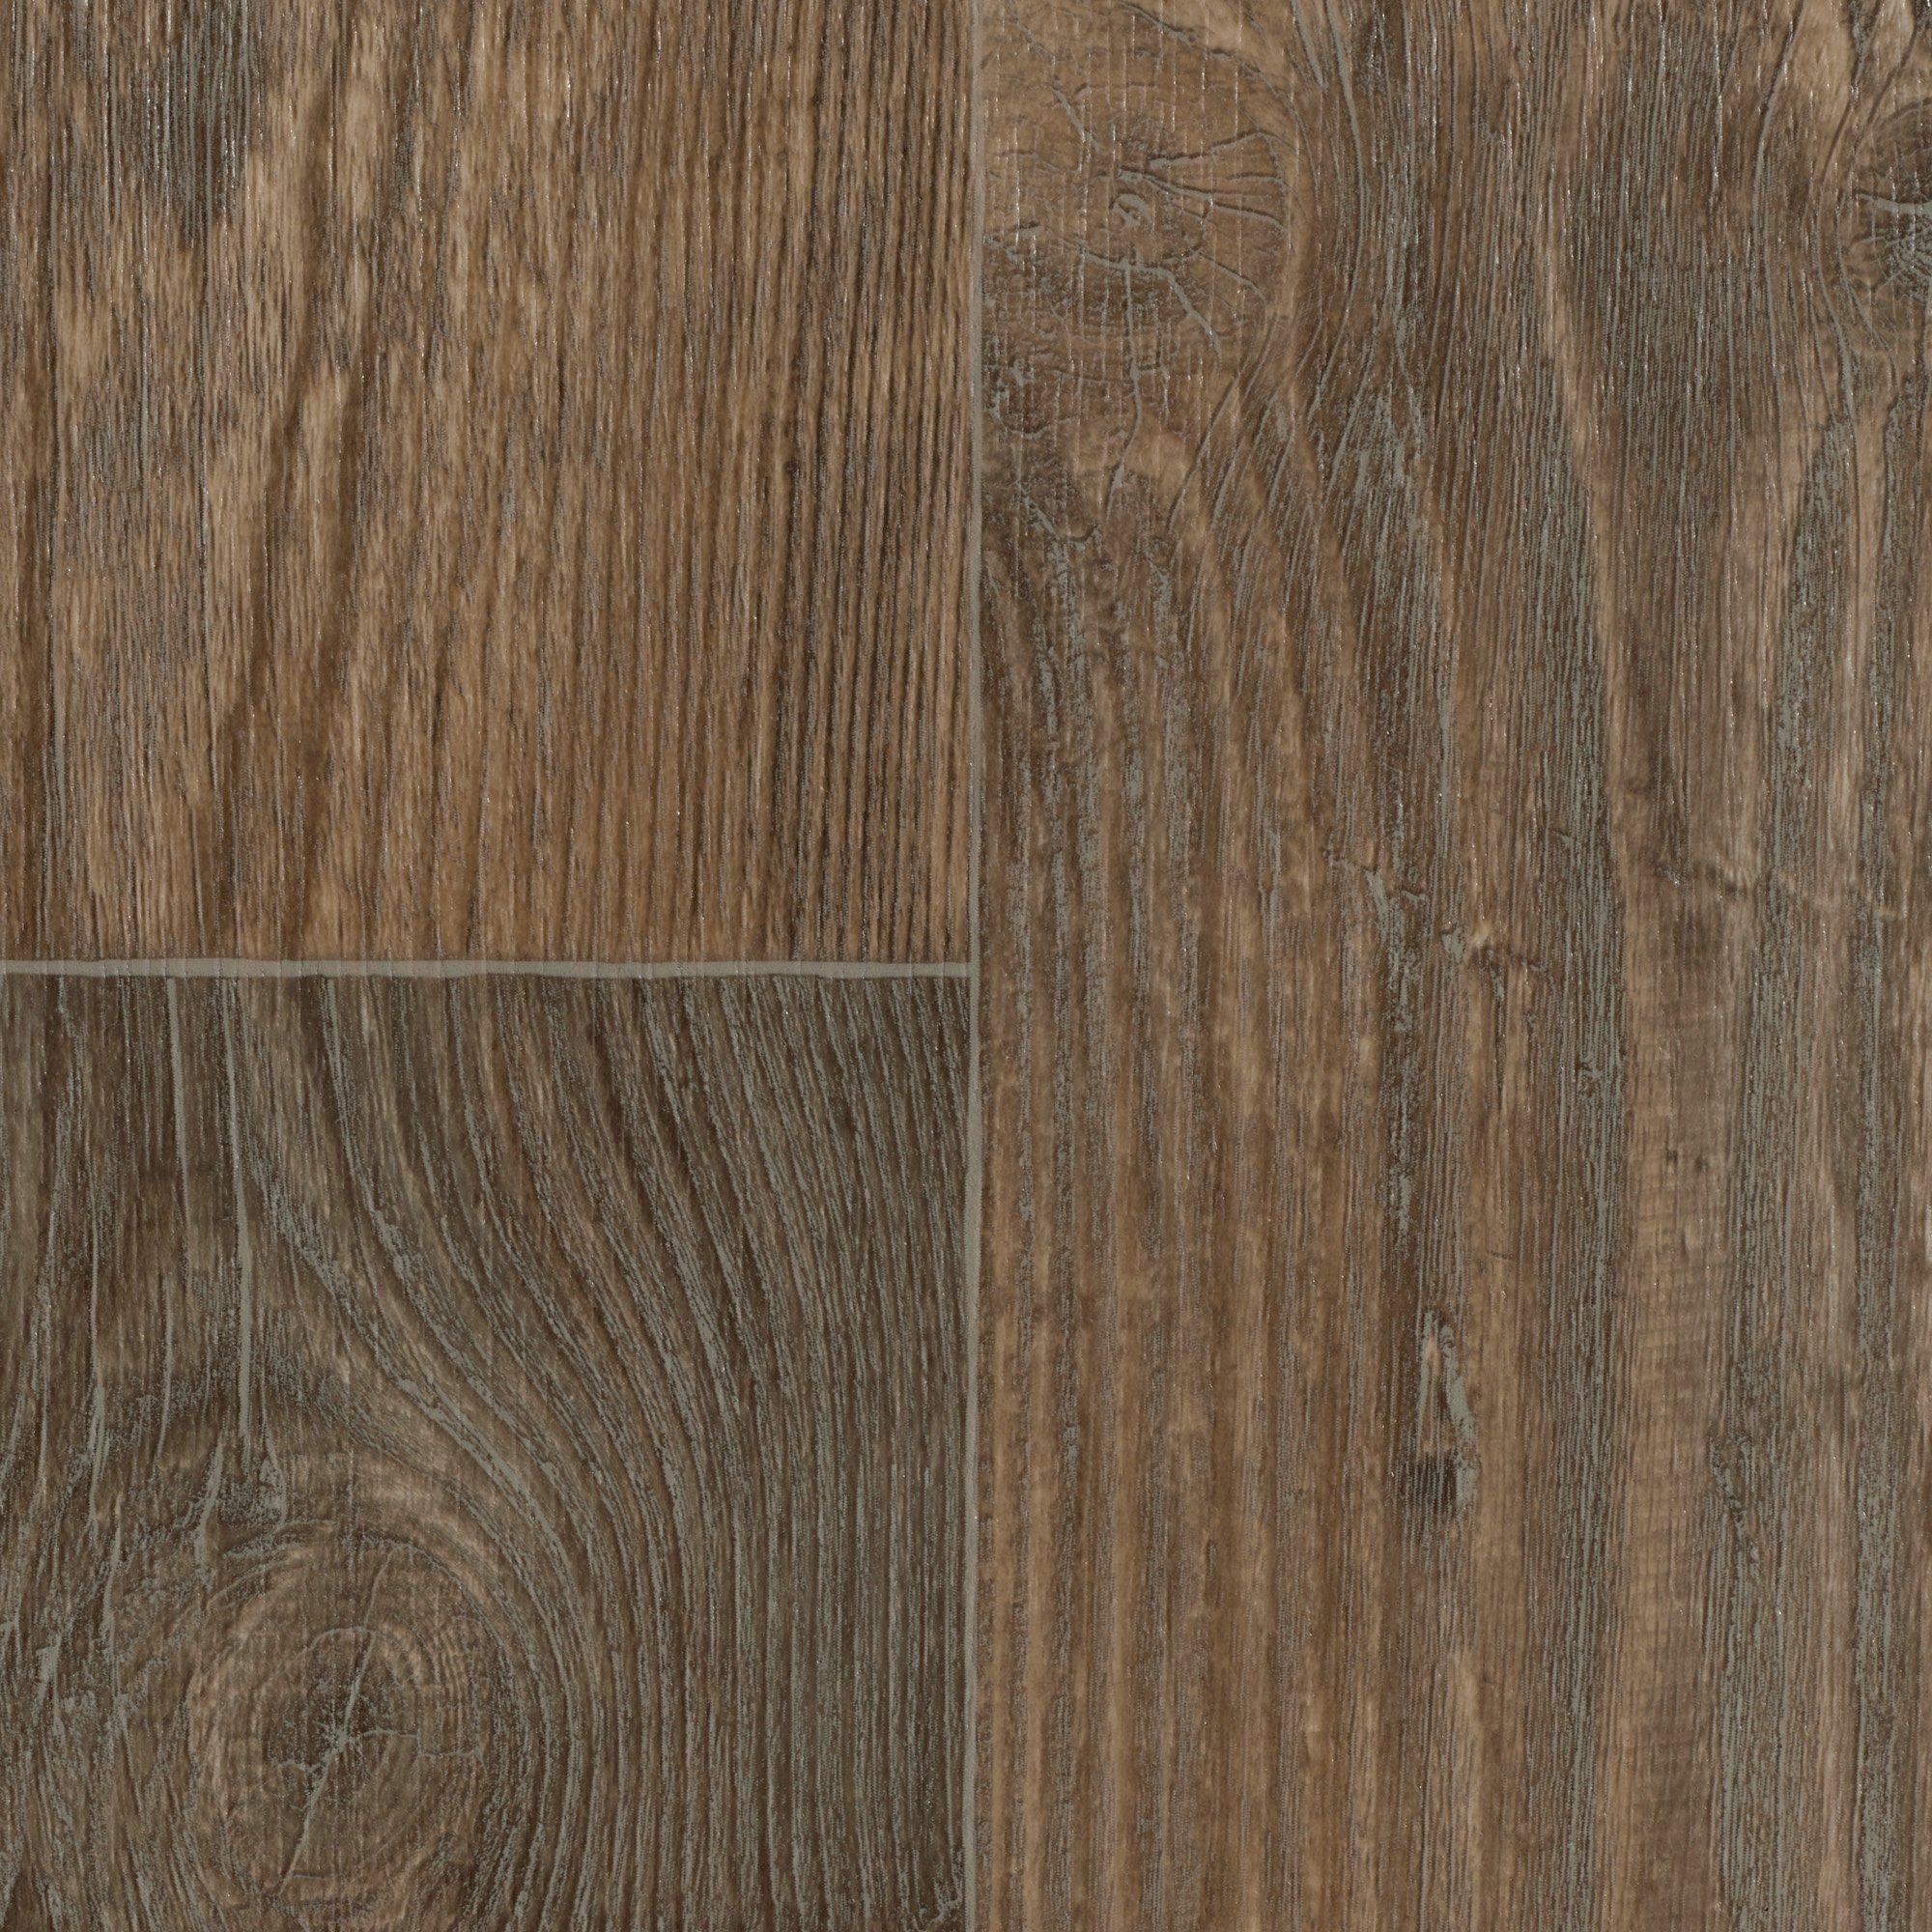 BODENMEISTER Vinylboden »Skagen«, Diele Pinie rustikal, Breite 500 cm